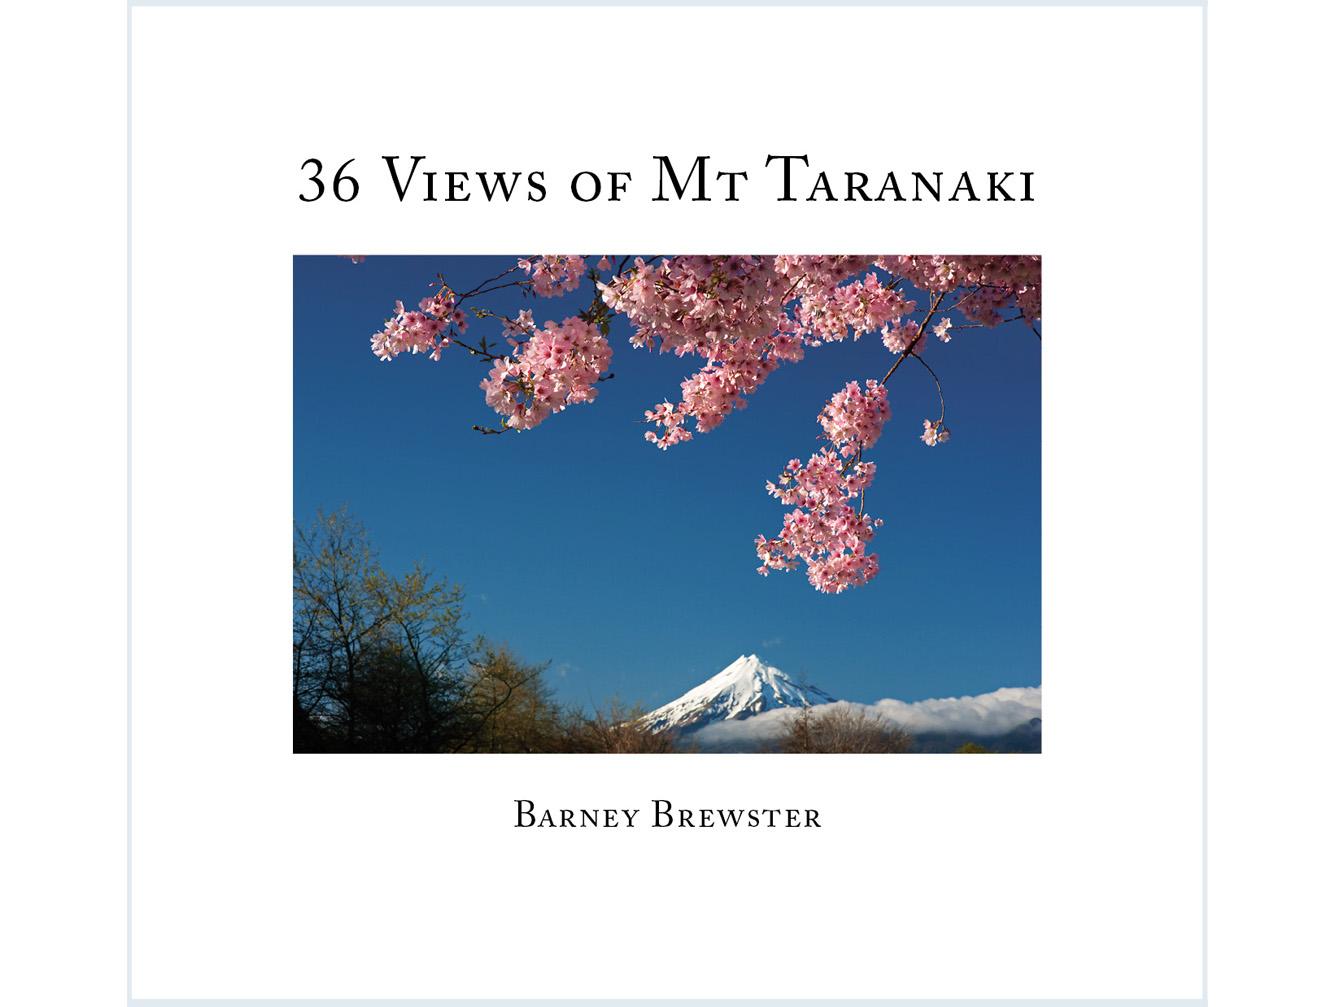 36 Views of Mt Taranaki - Pdf book